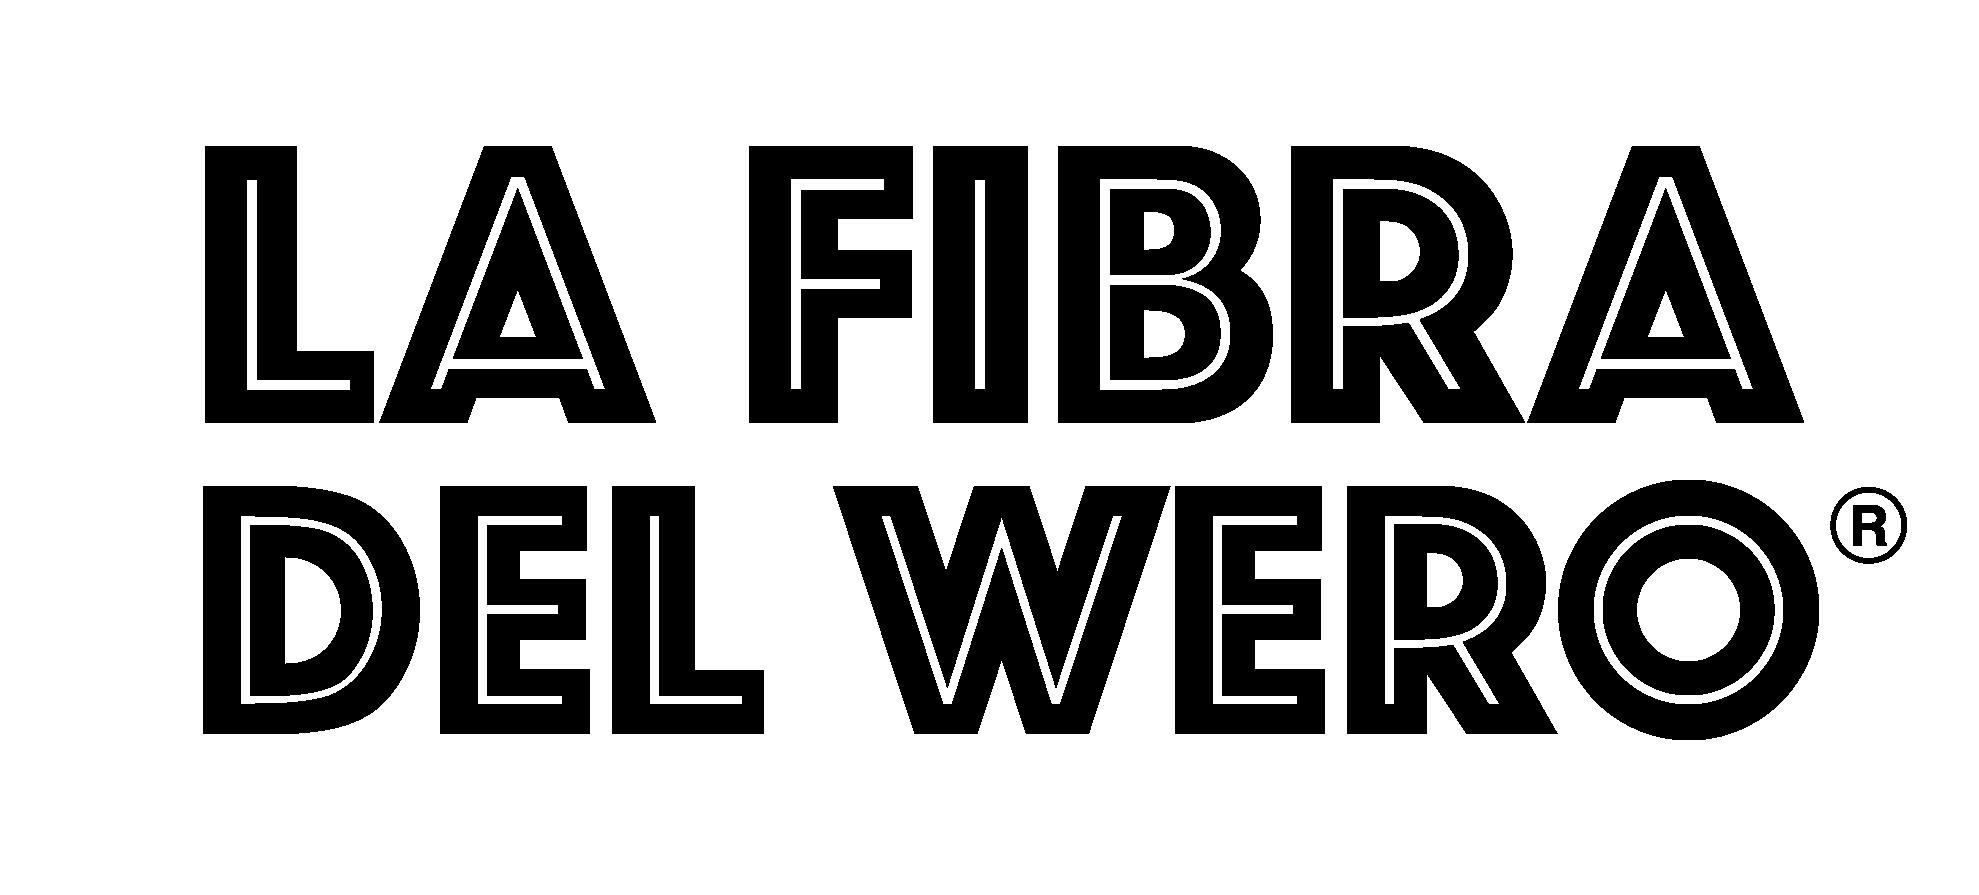 La Fibra del Wero